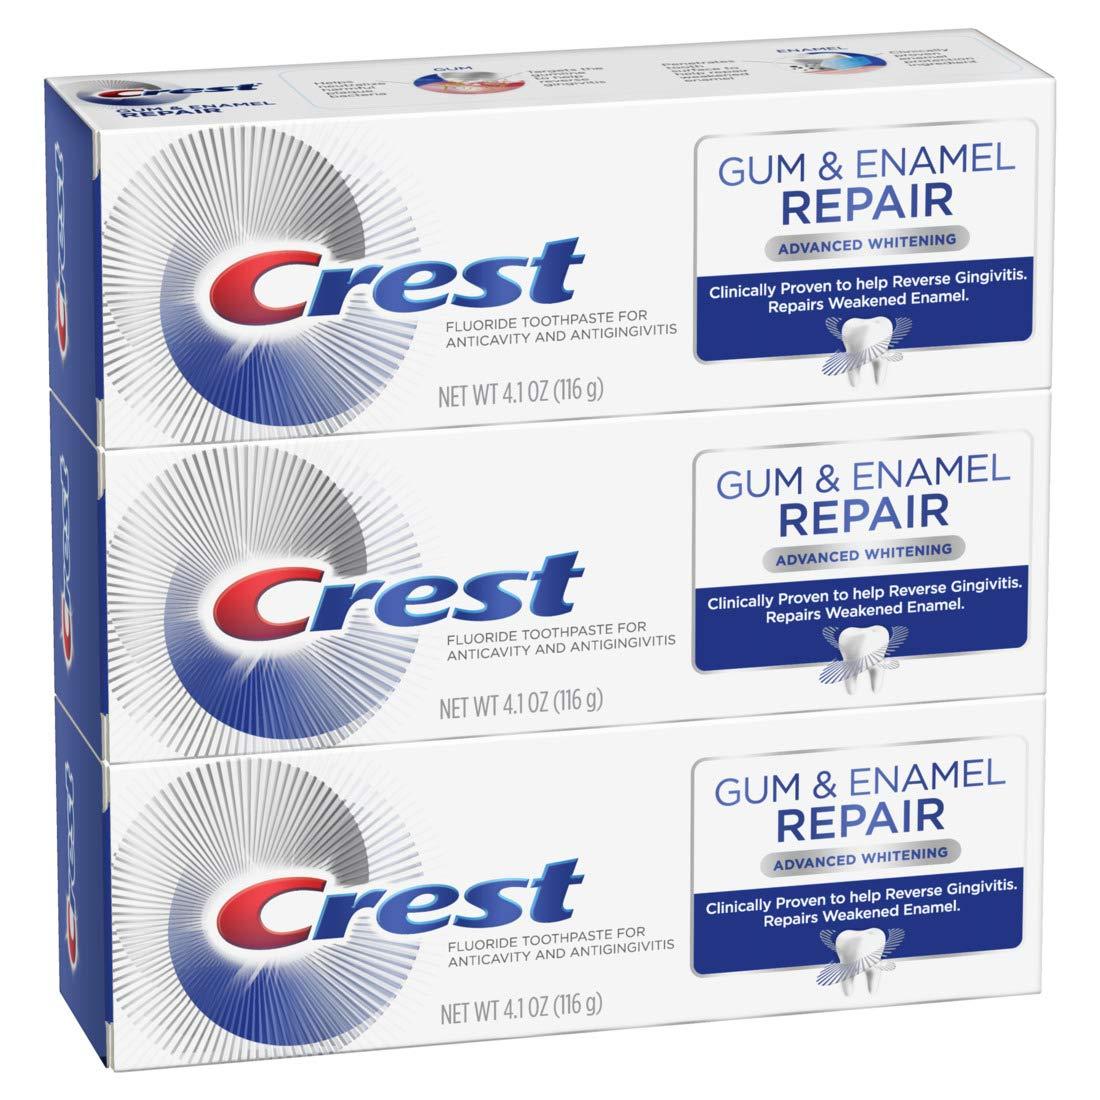 Crest Gum & Enamel Repair Toothpaste Advanced